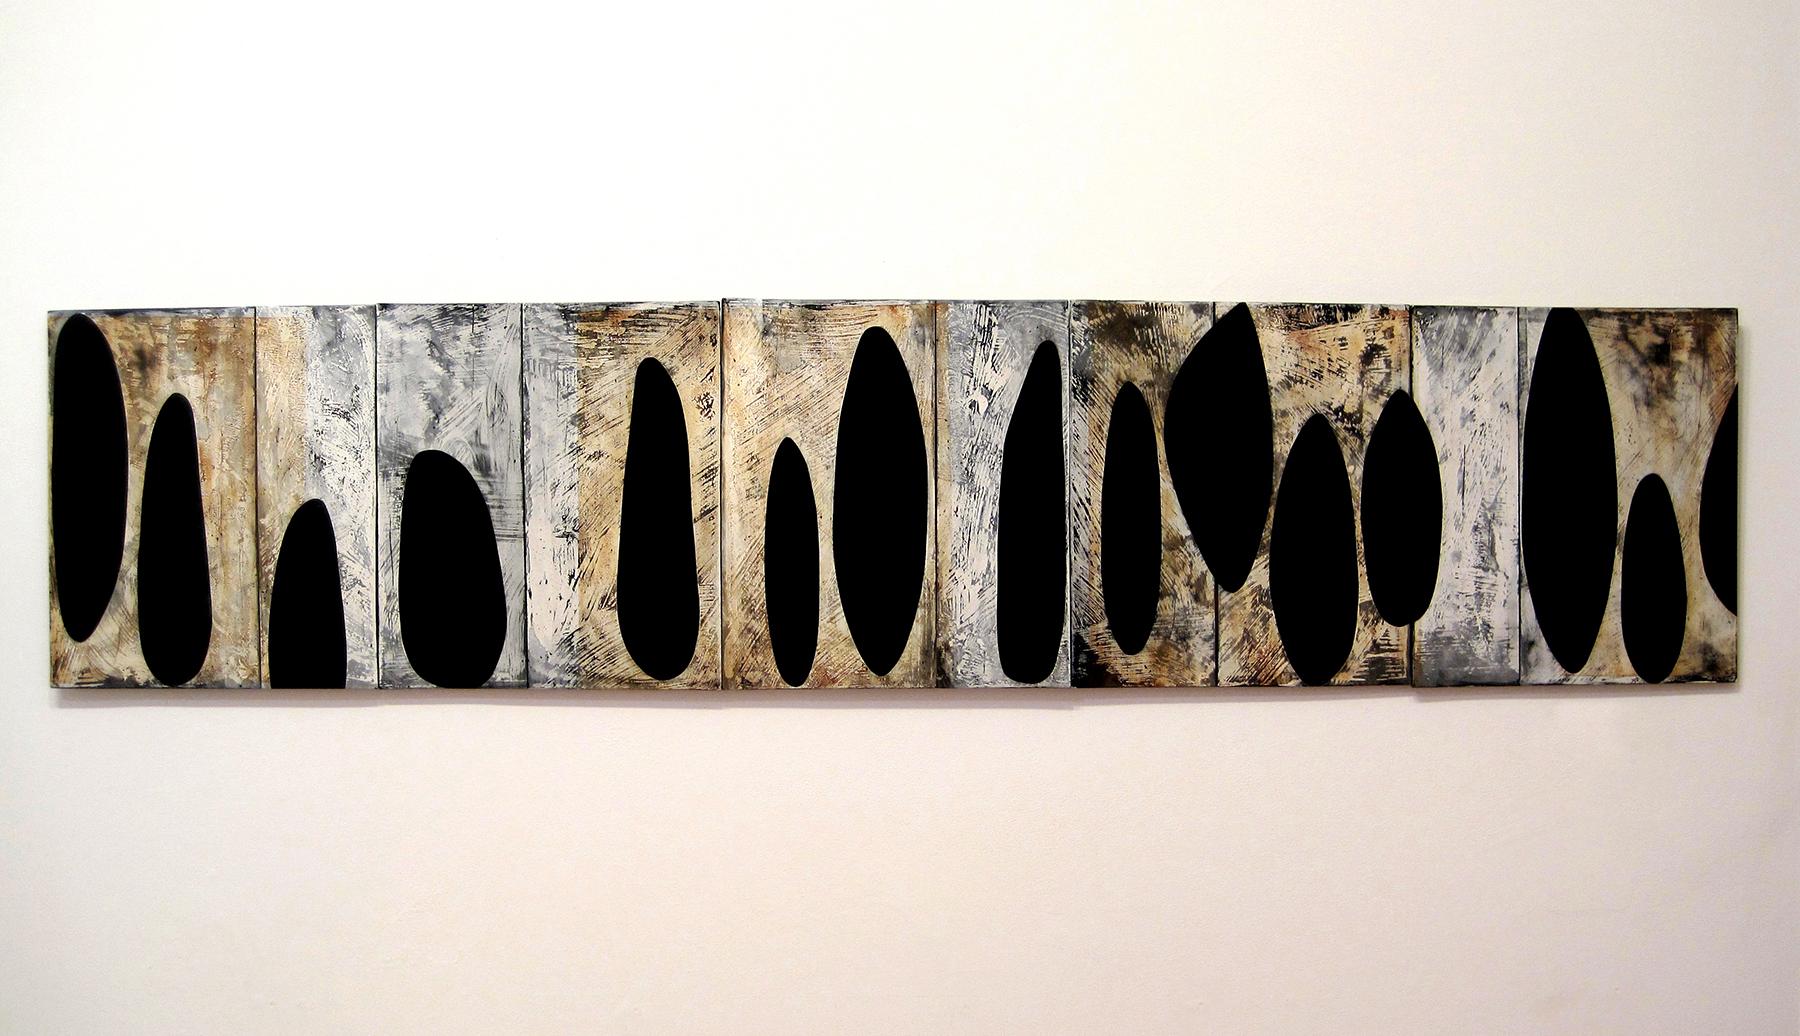 Kathy Erteman, Guanxi 3, 2009, Image Courtesy Hostler Burrows Gallery